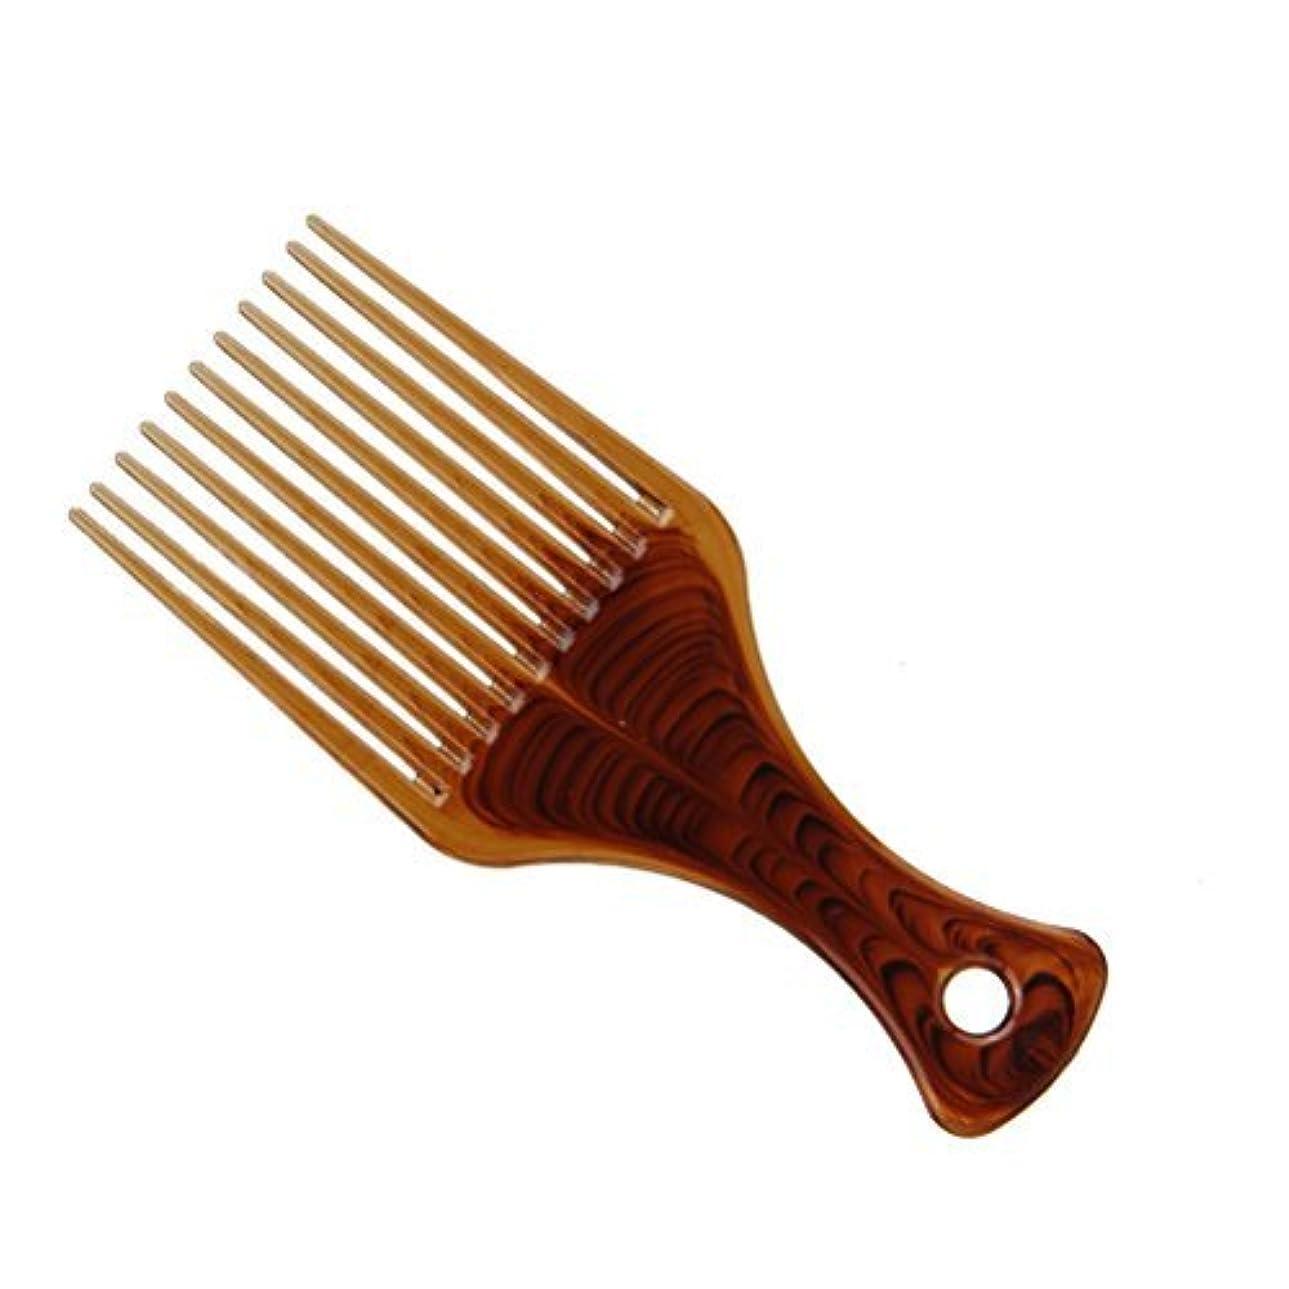 災害やさしく突っ込むFrcolor Hair Pick Comb, Smooth No Frizz Afro Hair Lift Pick Comb for Hairstyle [並行輸入品]